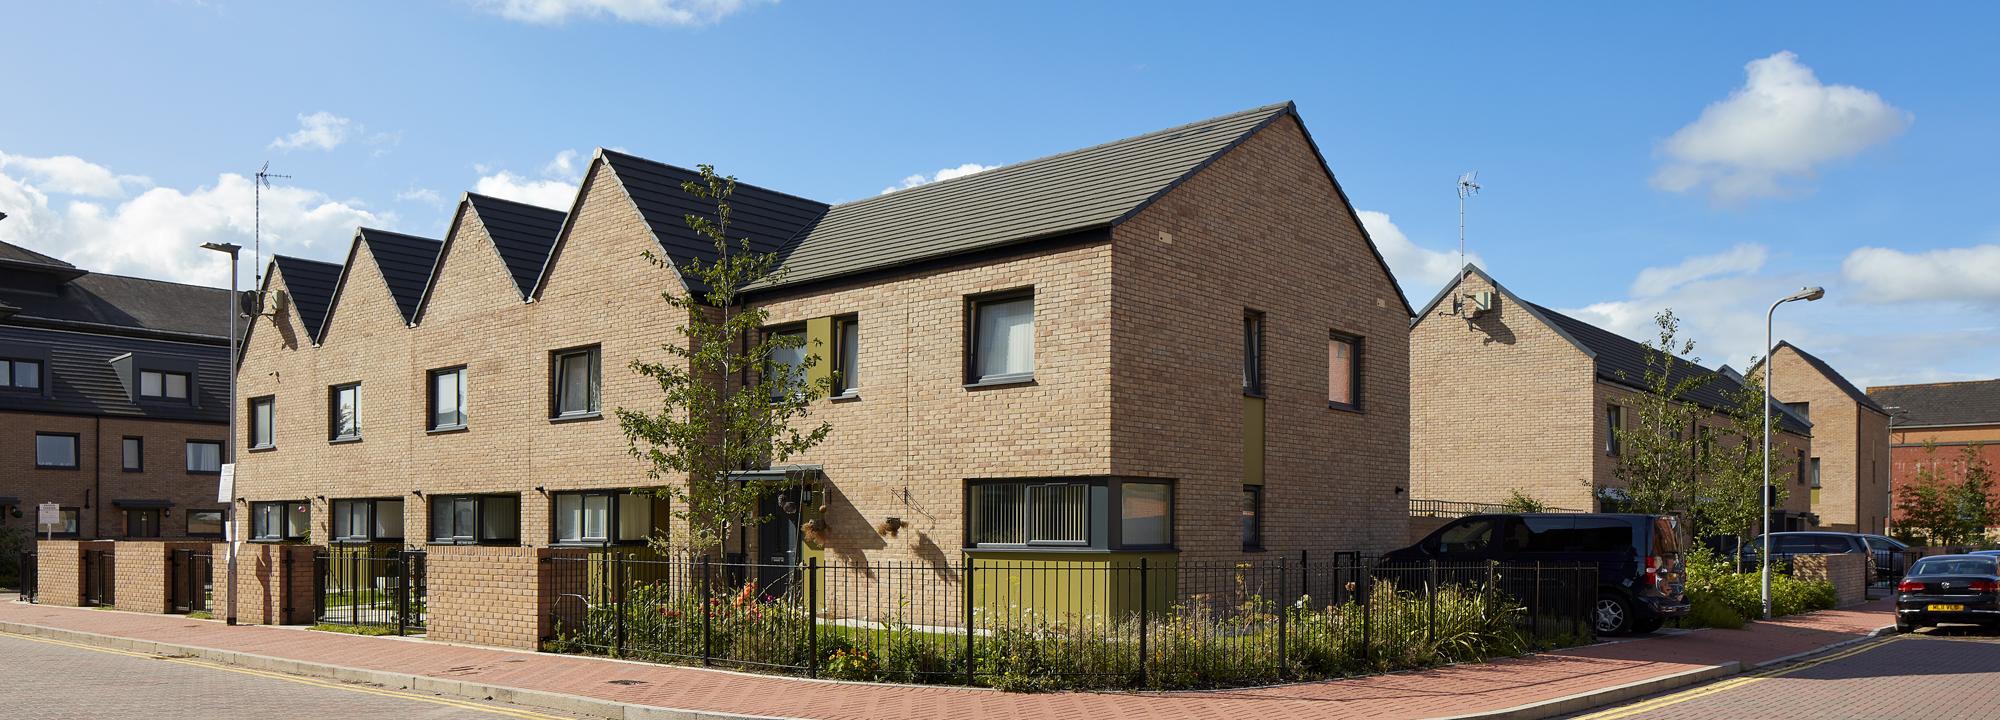 Schooner Way Housing Cardiff